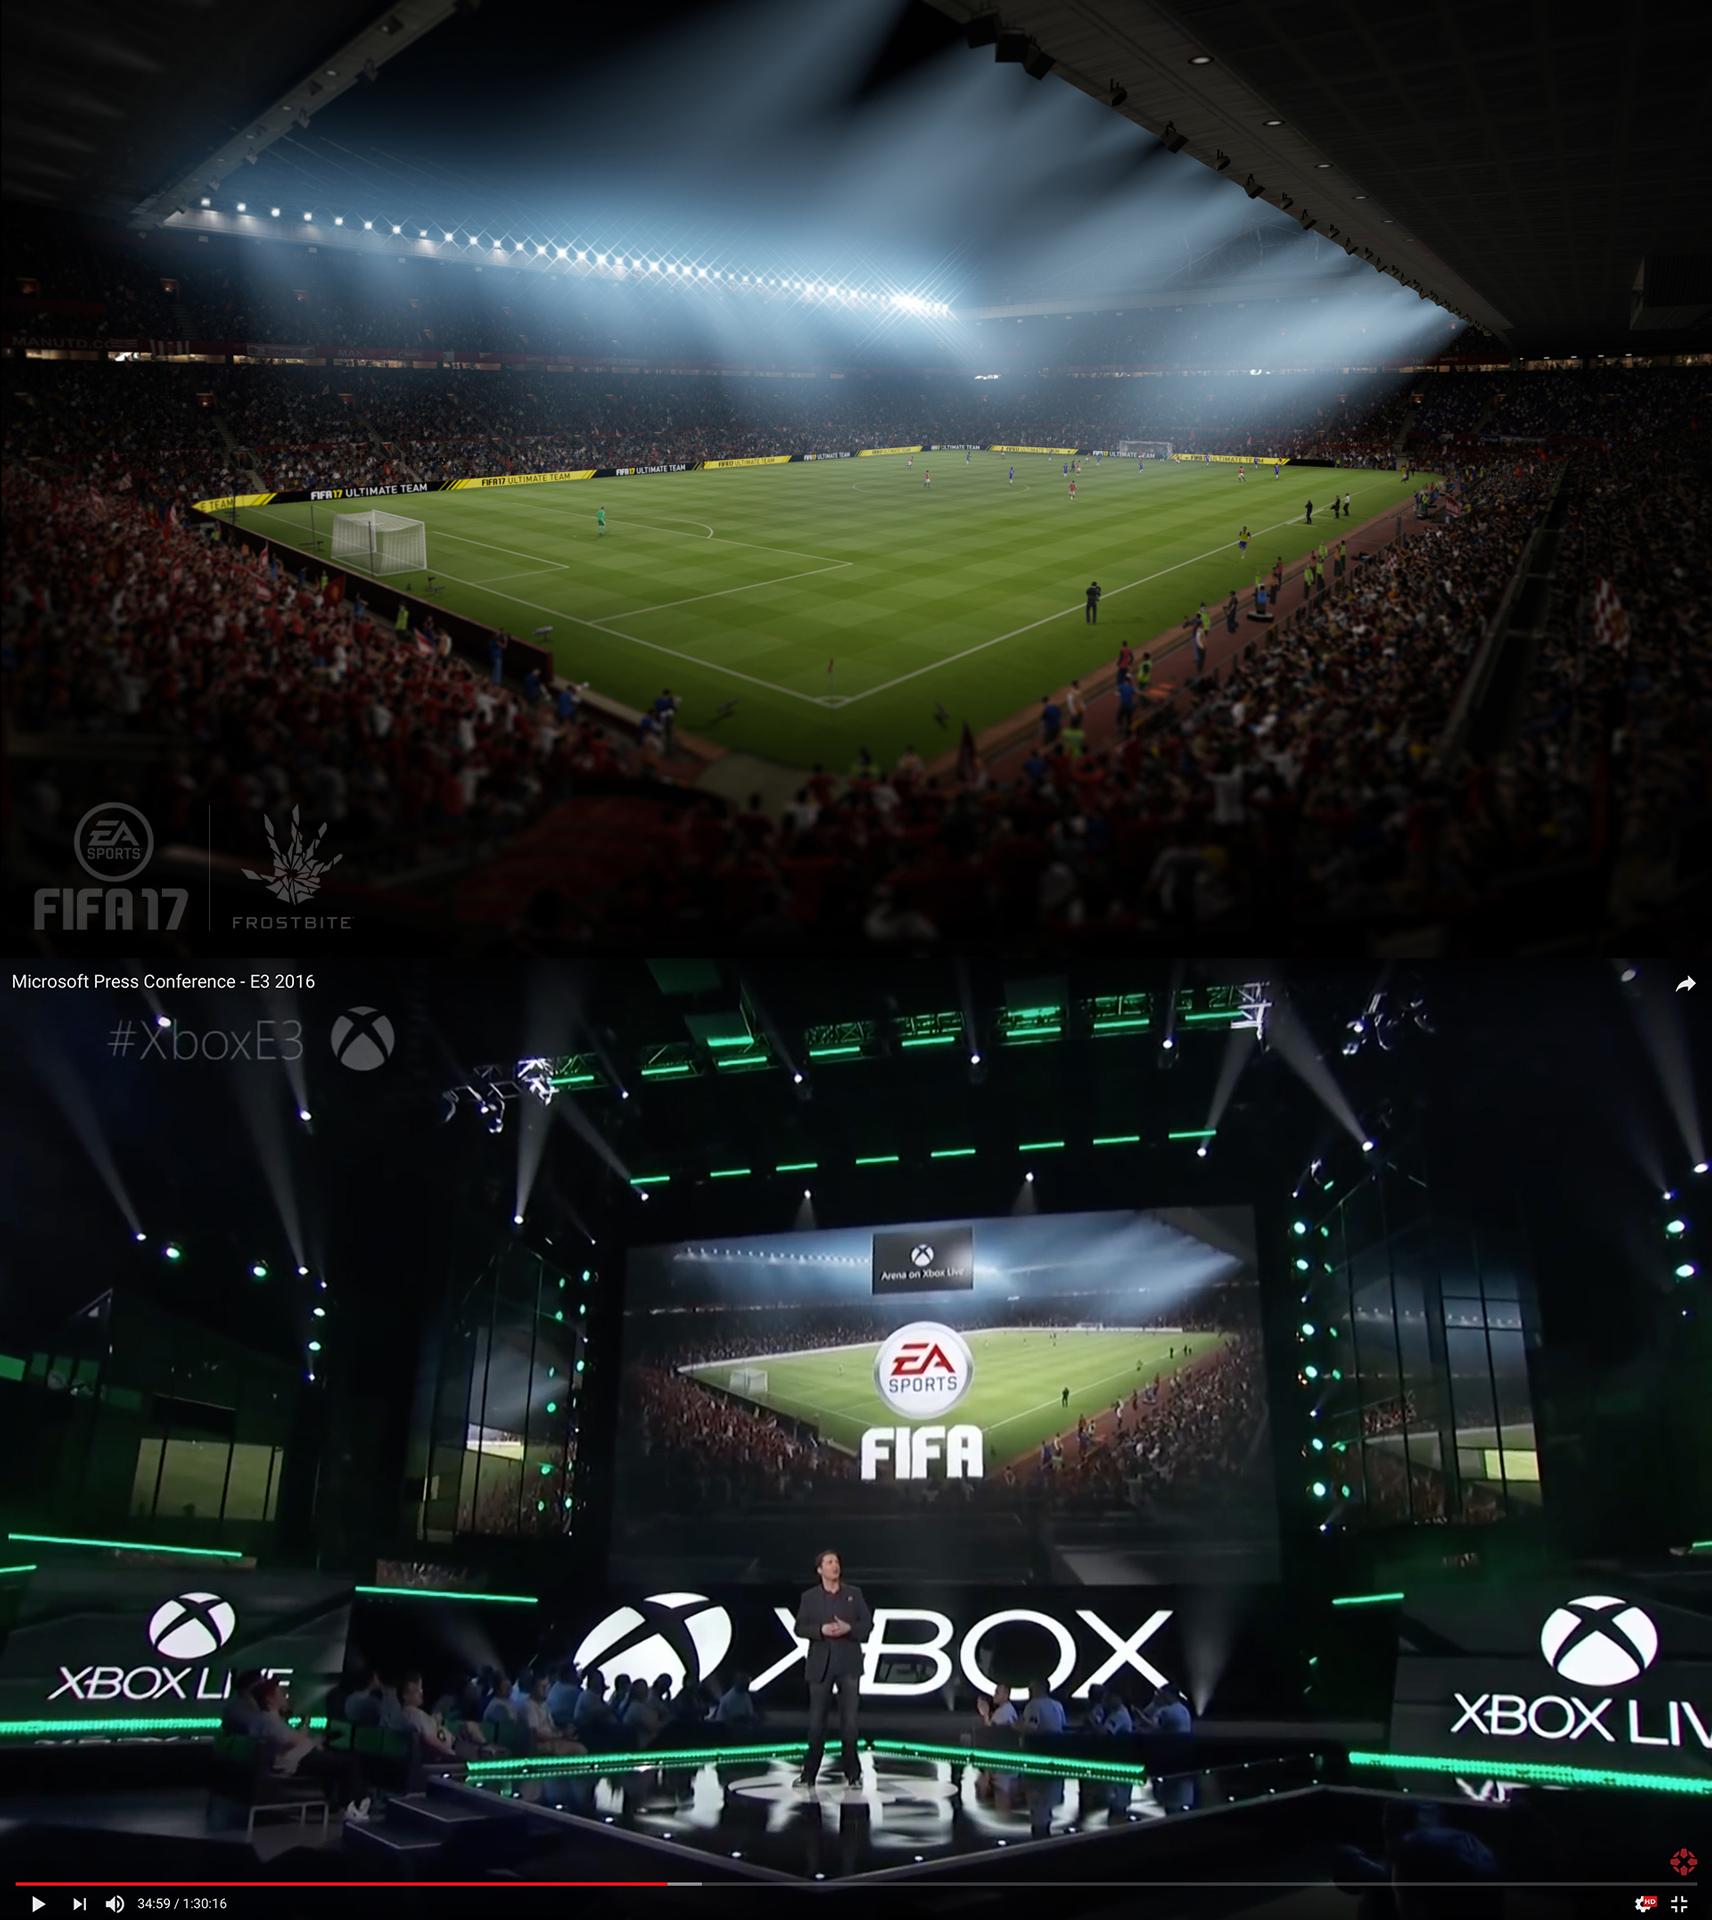 E3 2016 Xbox Press Conference